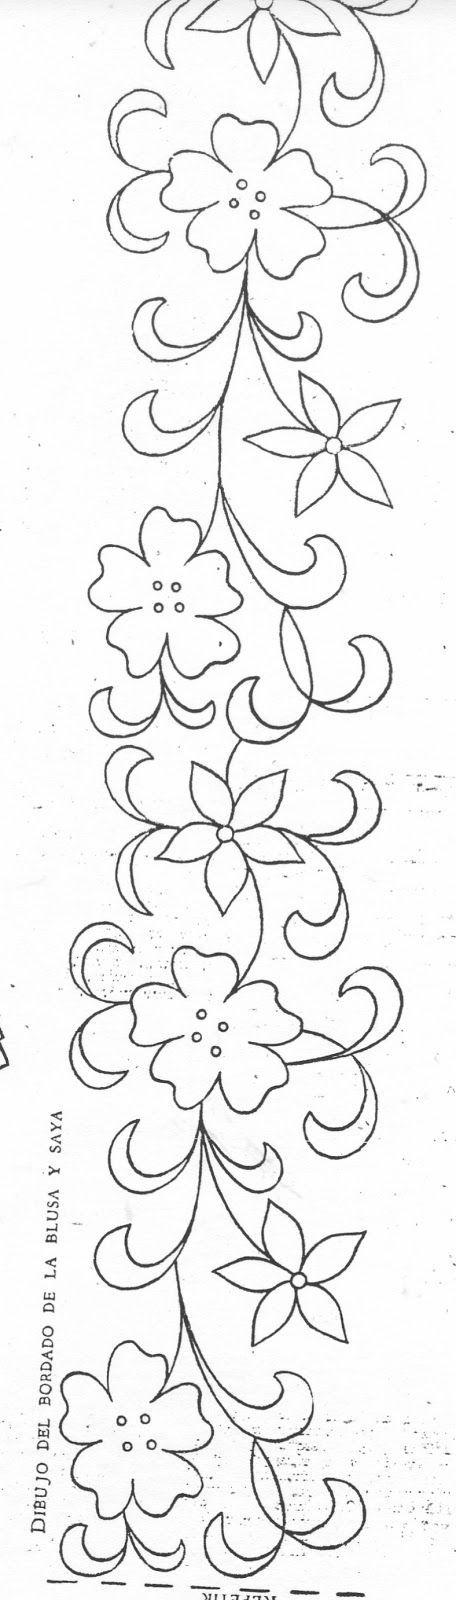 Resultado de imagen para patrones de bordado mexicano | Bricolaje y ...